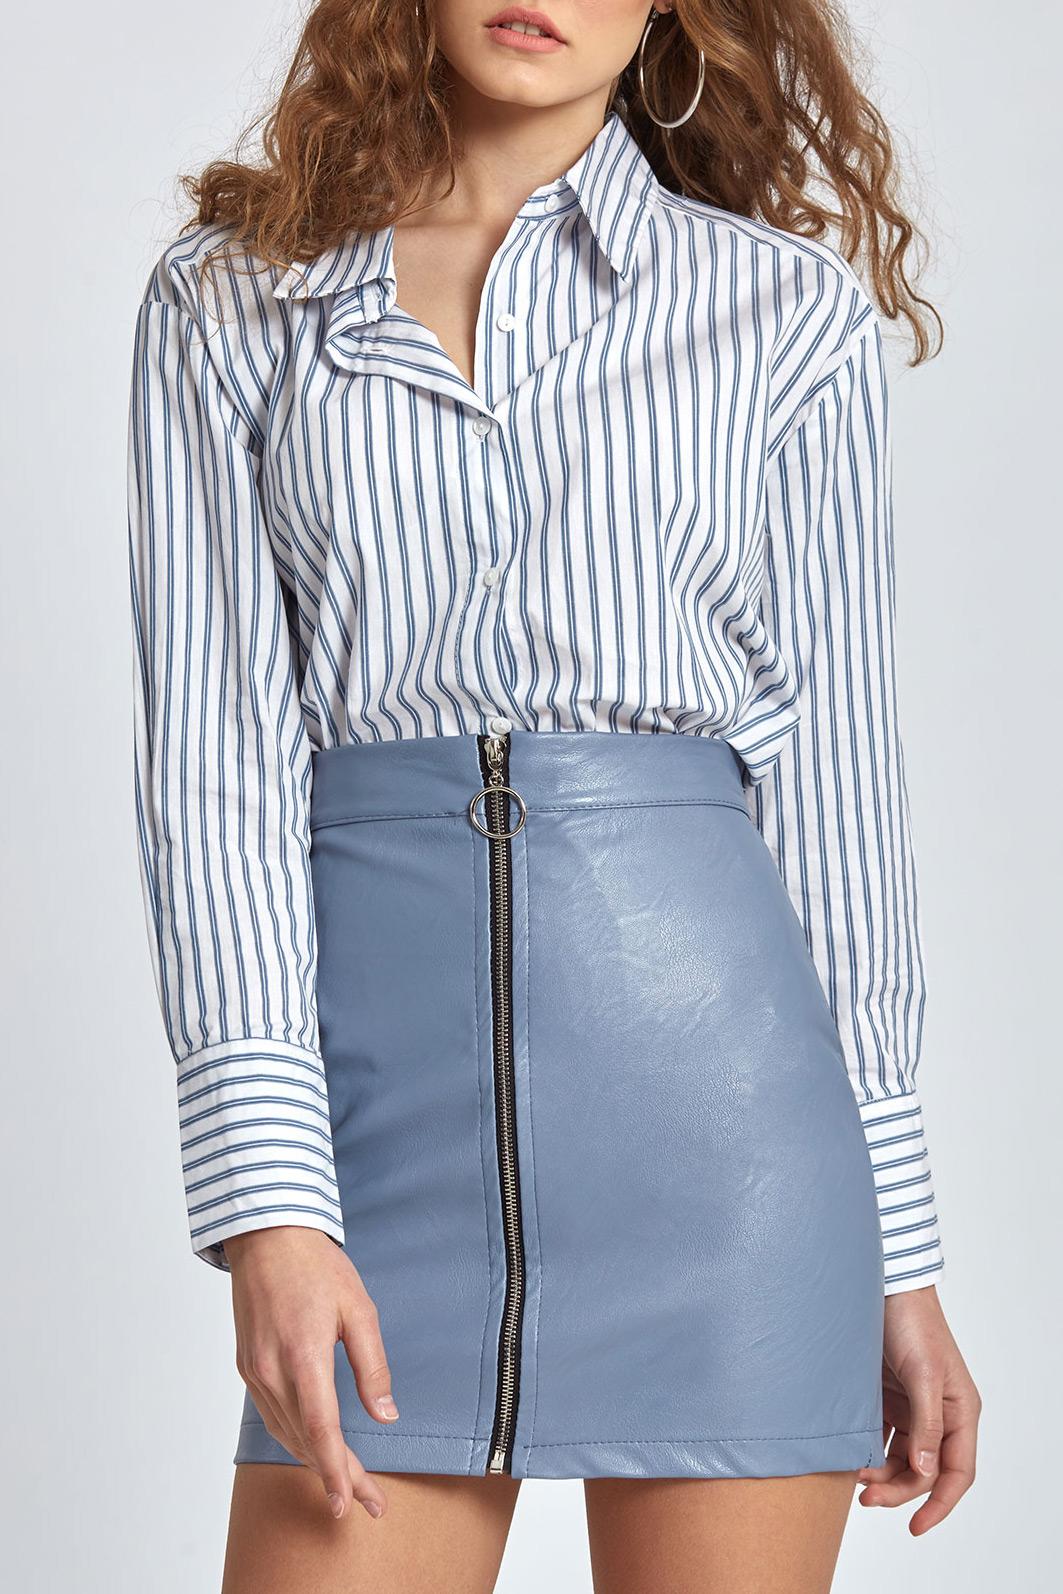 Μίνι φούστα από δερματίνη με φερμουάρ μπροστά σε σιέλ χρώμα c41f4ad6b1f